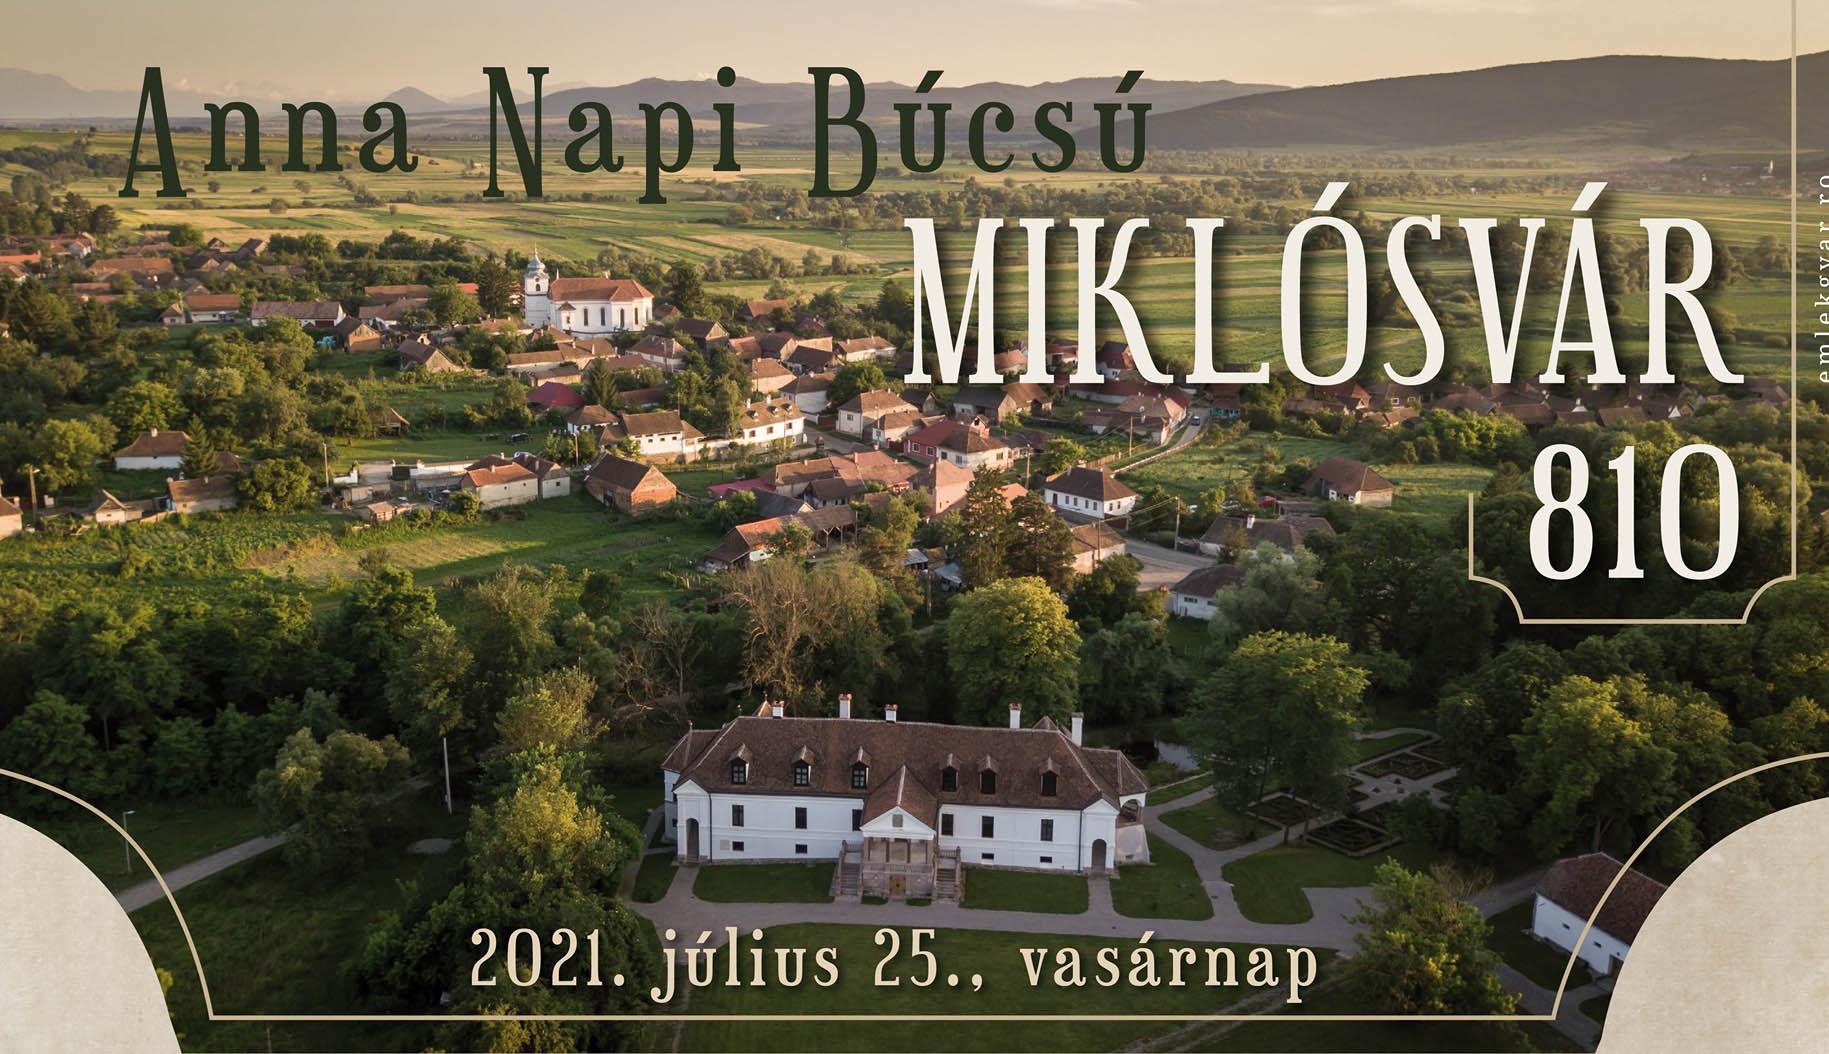 Miklósvár 810 éves